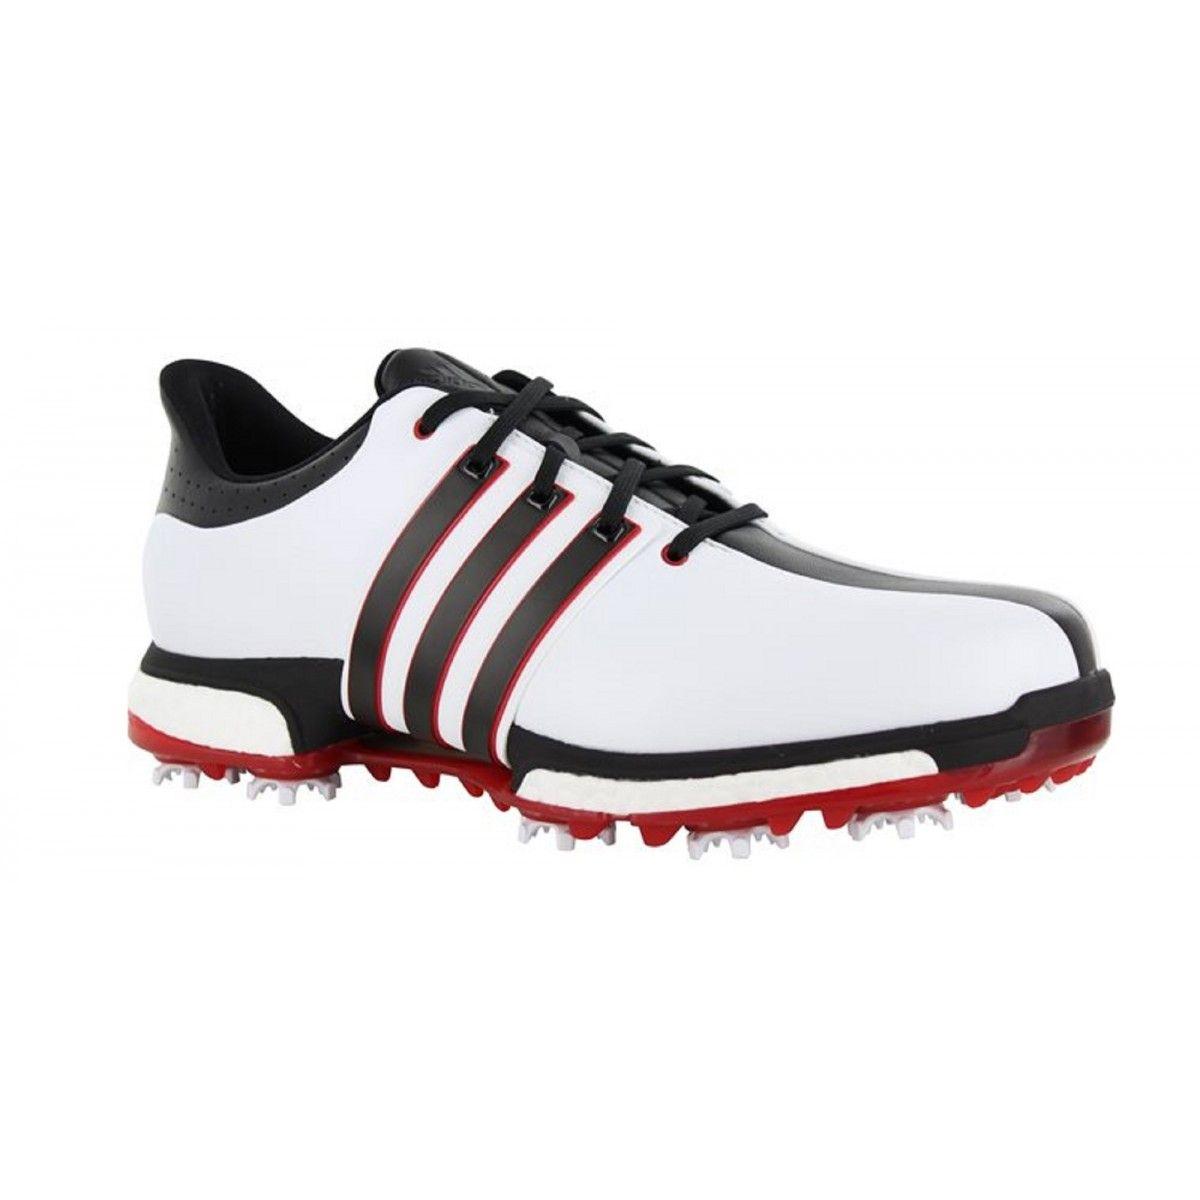 adidas tour360 impulso f33248 f33260 bianco / nero / rosso scarpa da golf maschile